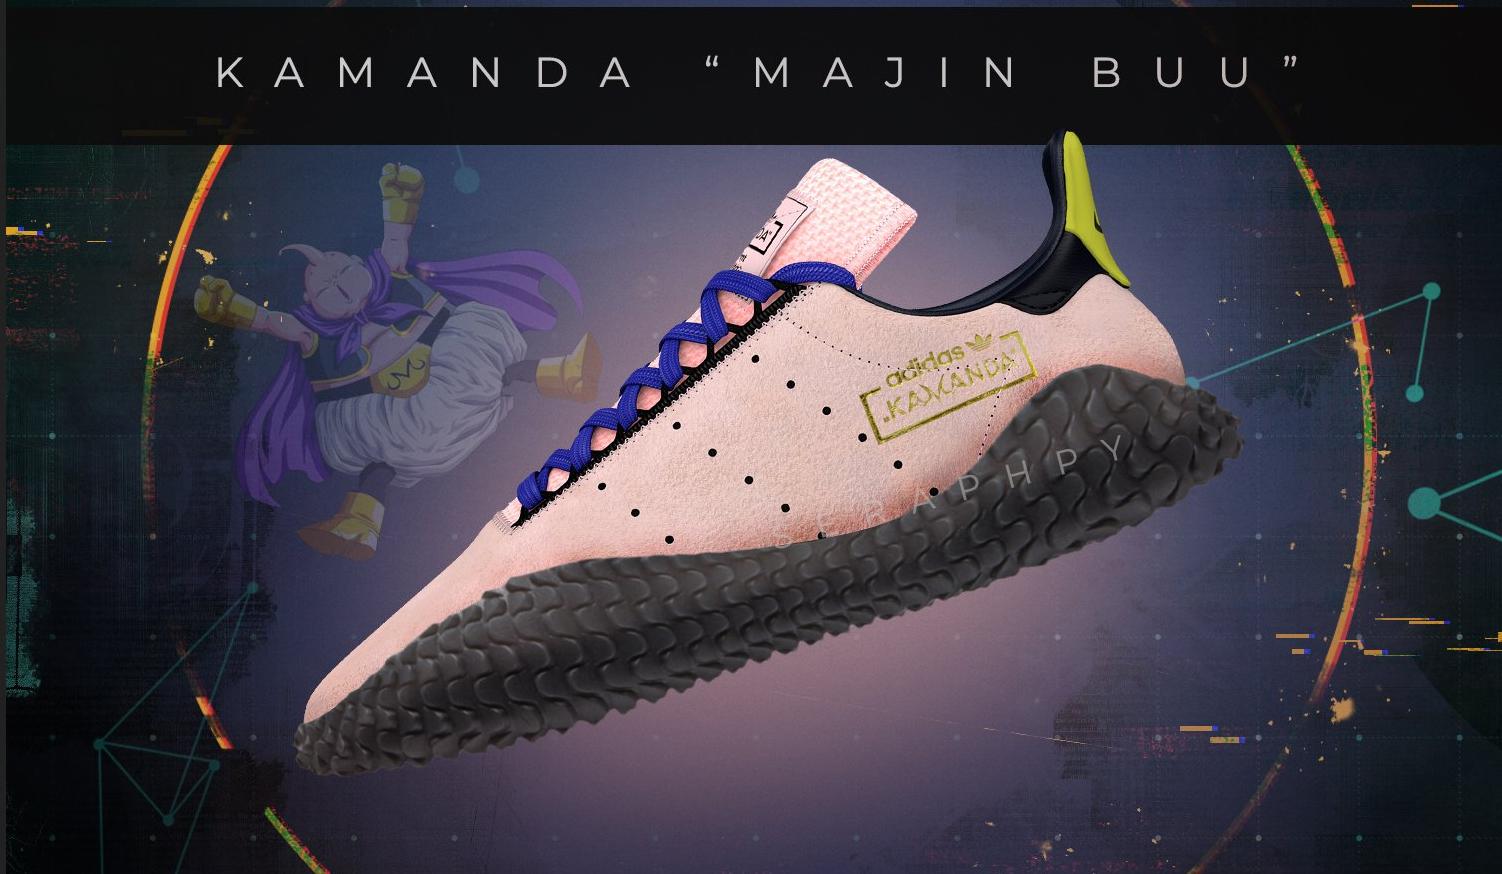 adidas-majin-buu-kamanda-dragon-ball-z